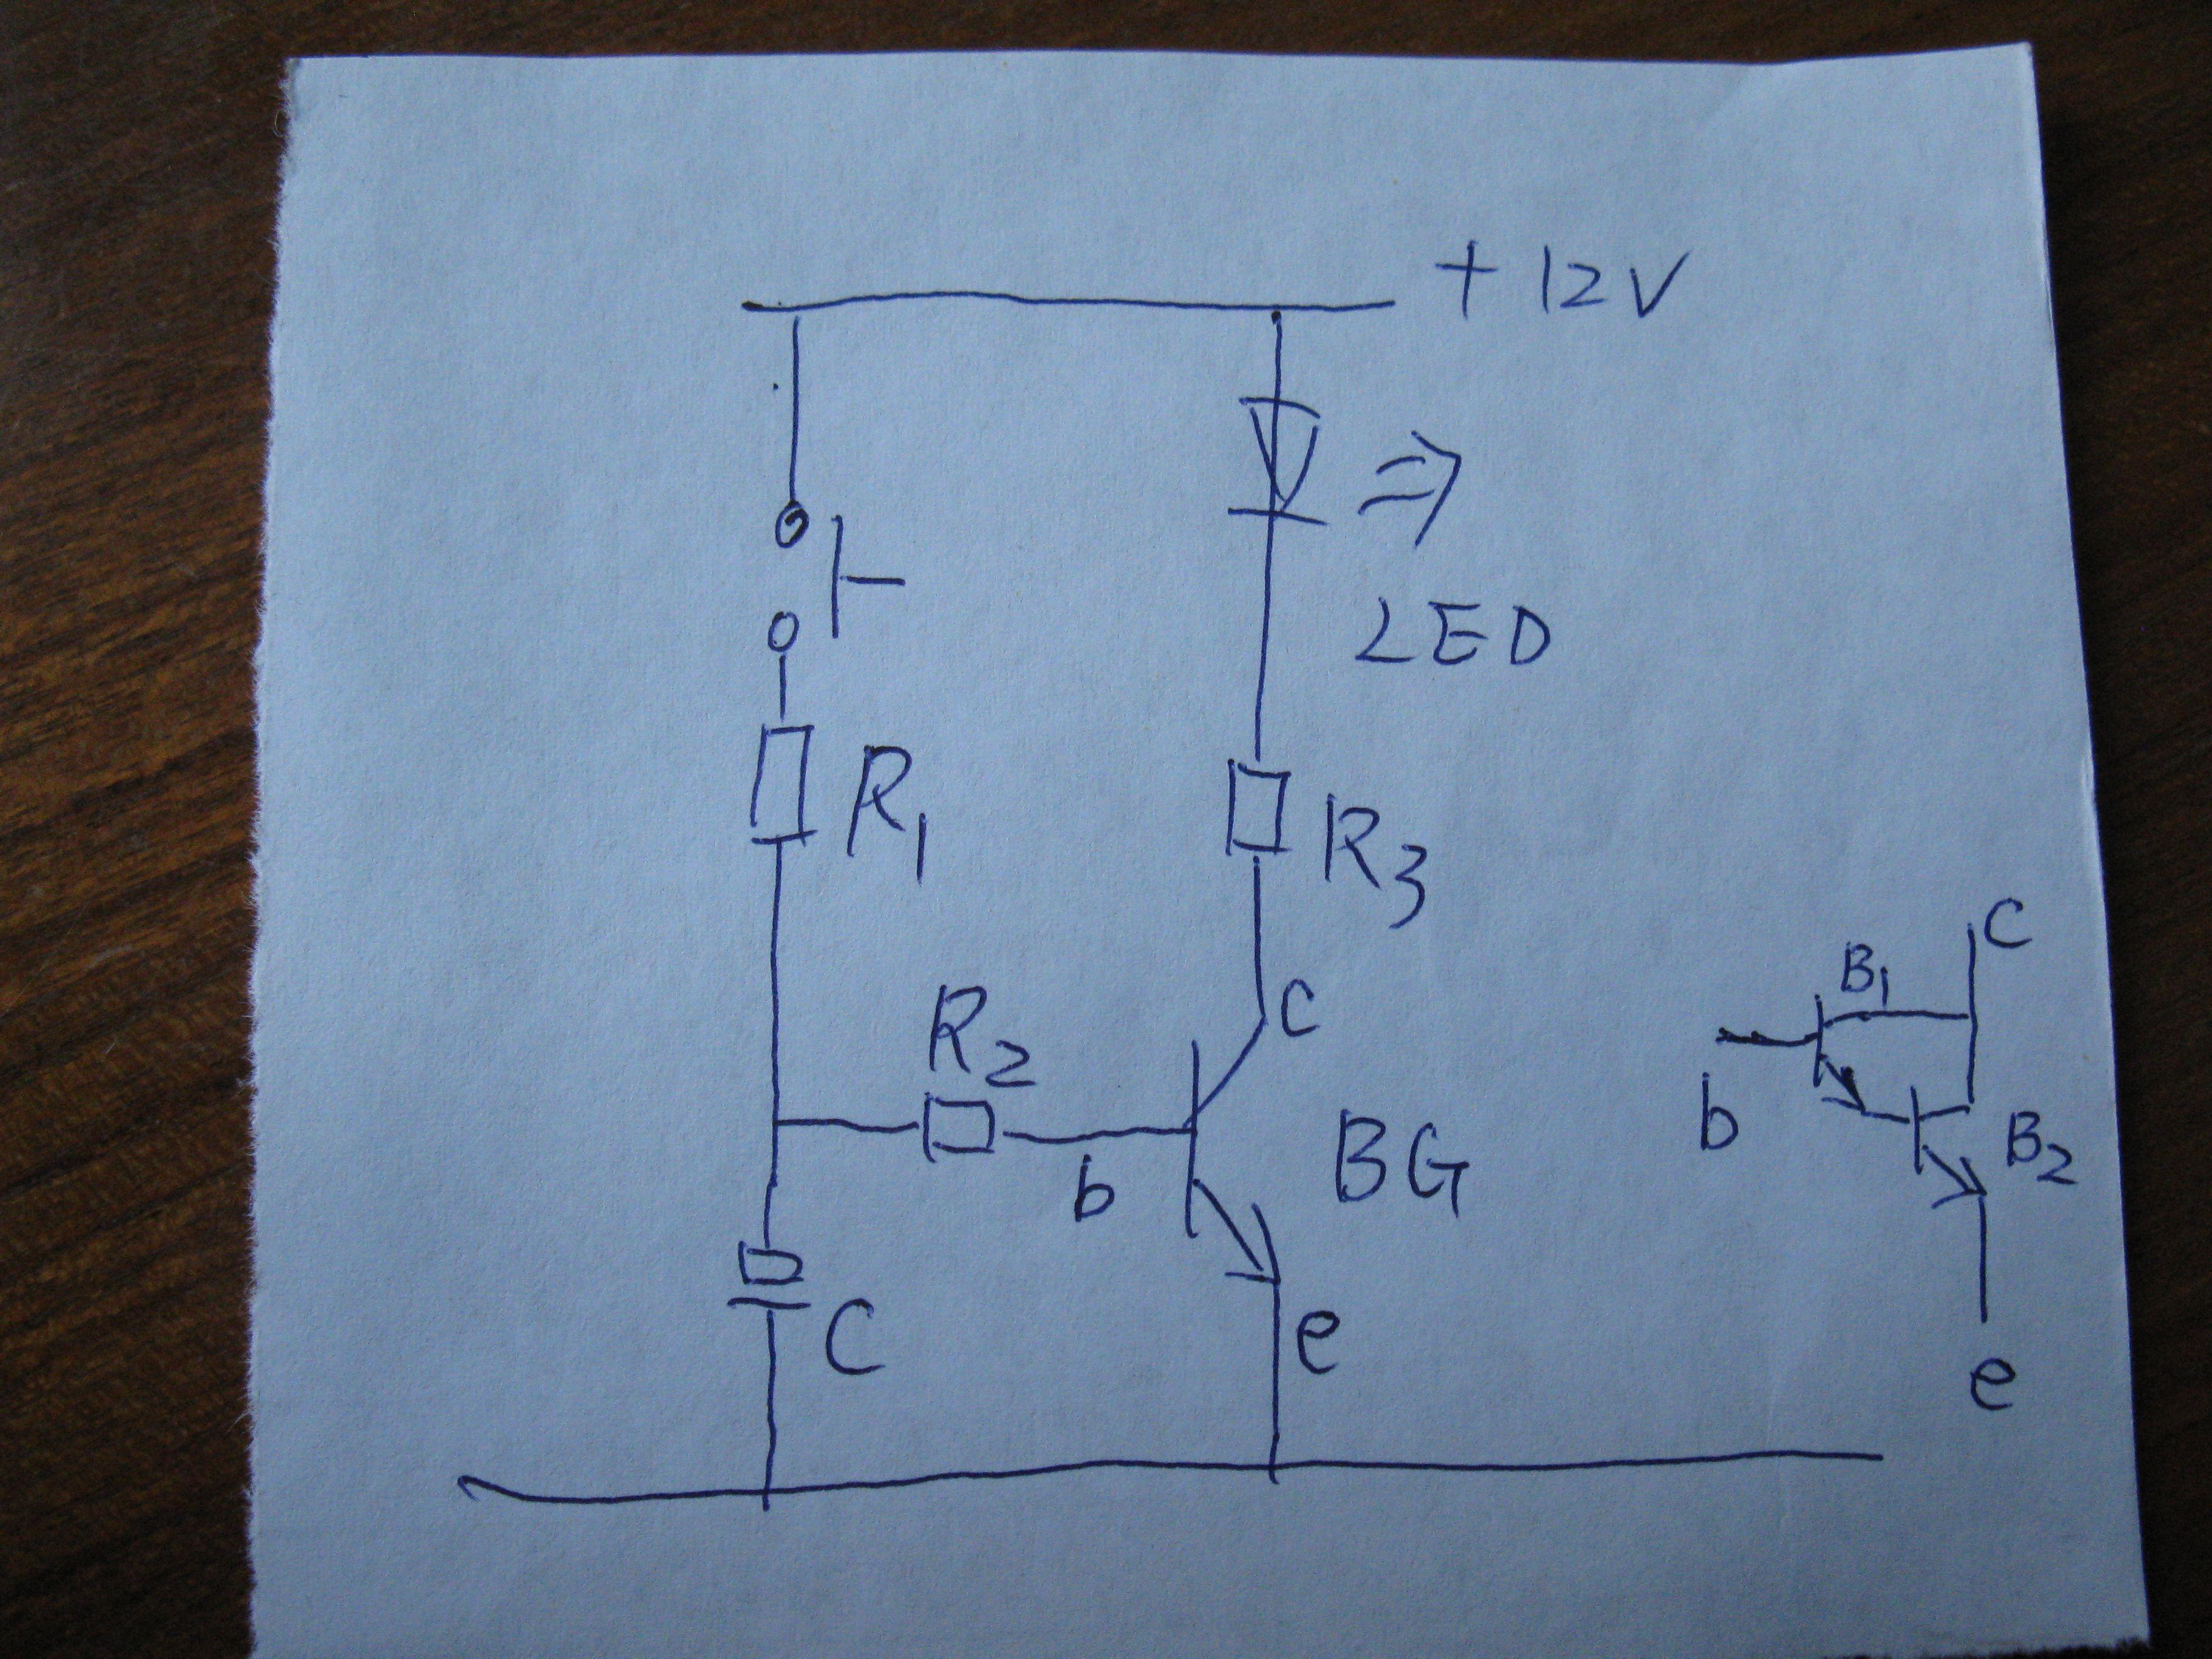 因d882p是中大功率管,放大倍数很小,延时才几秒而已,如果想延时长些或